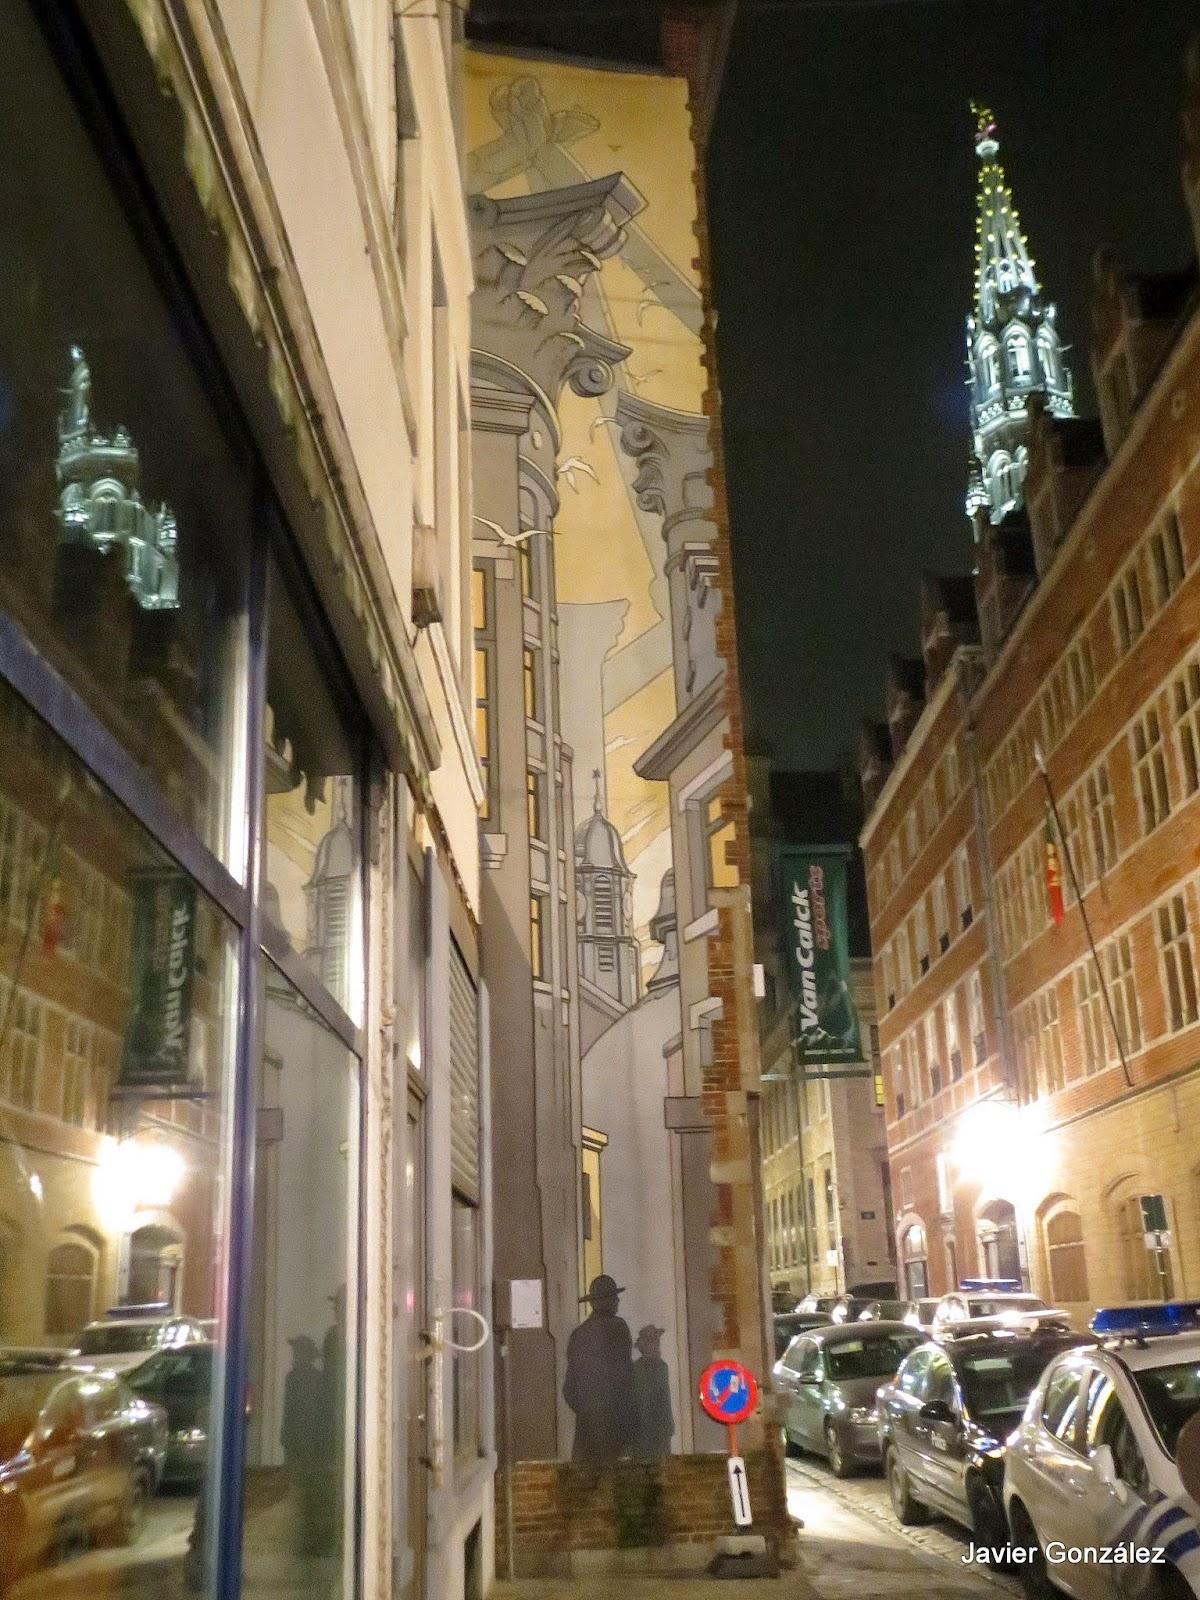 Trampantojo. Bruselas. Mural